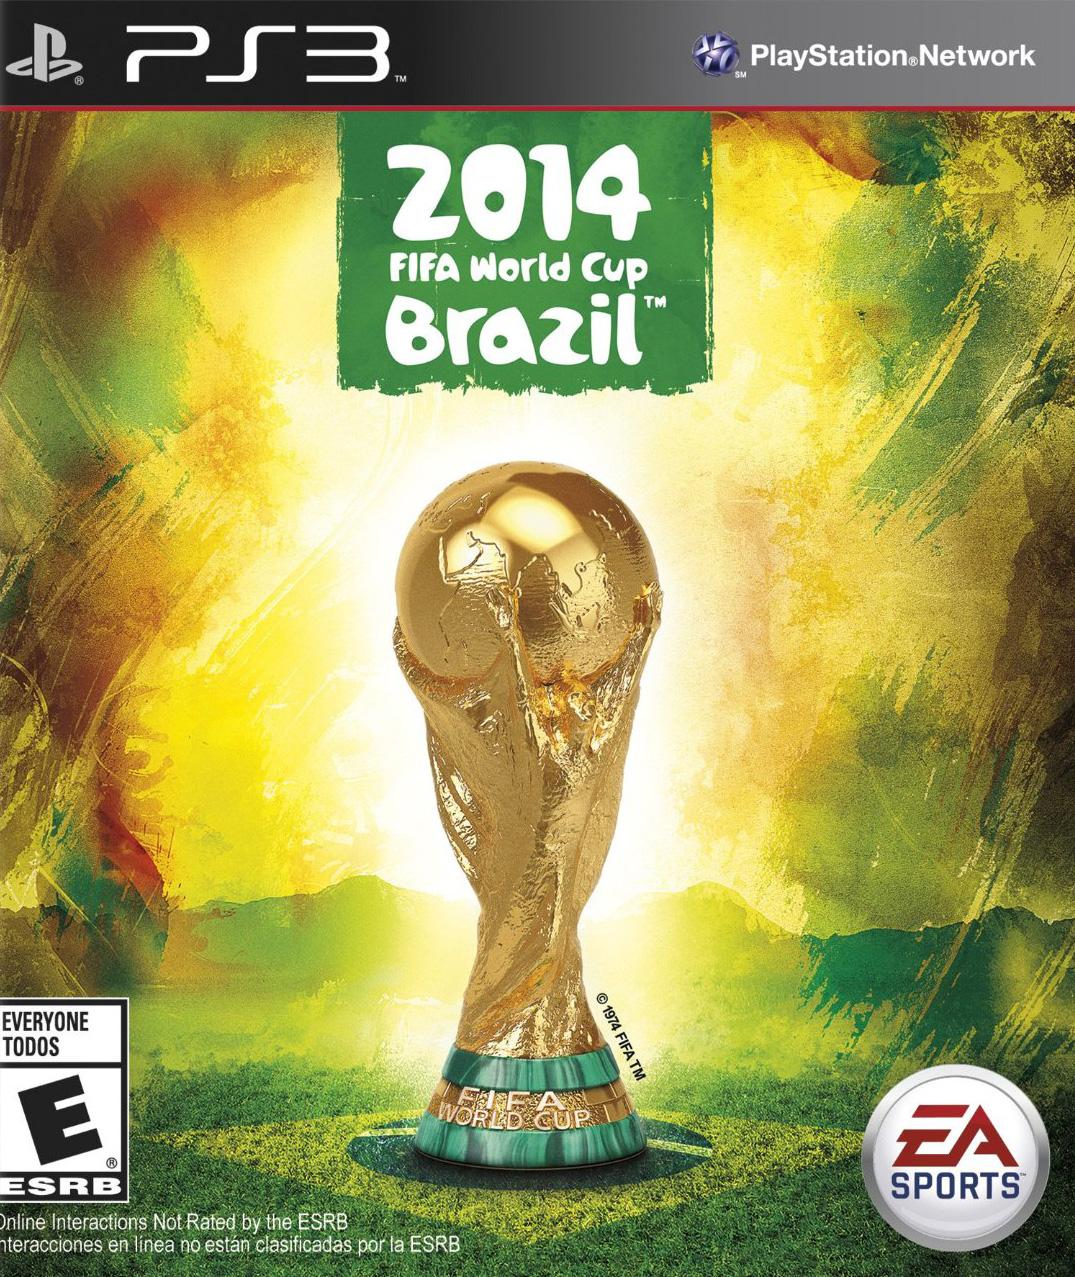 دانلود بازی ۲۰۱۴ FIFA World Cup Brazil برای PS3